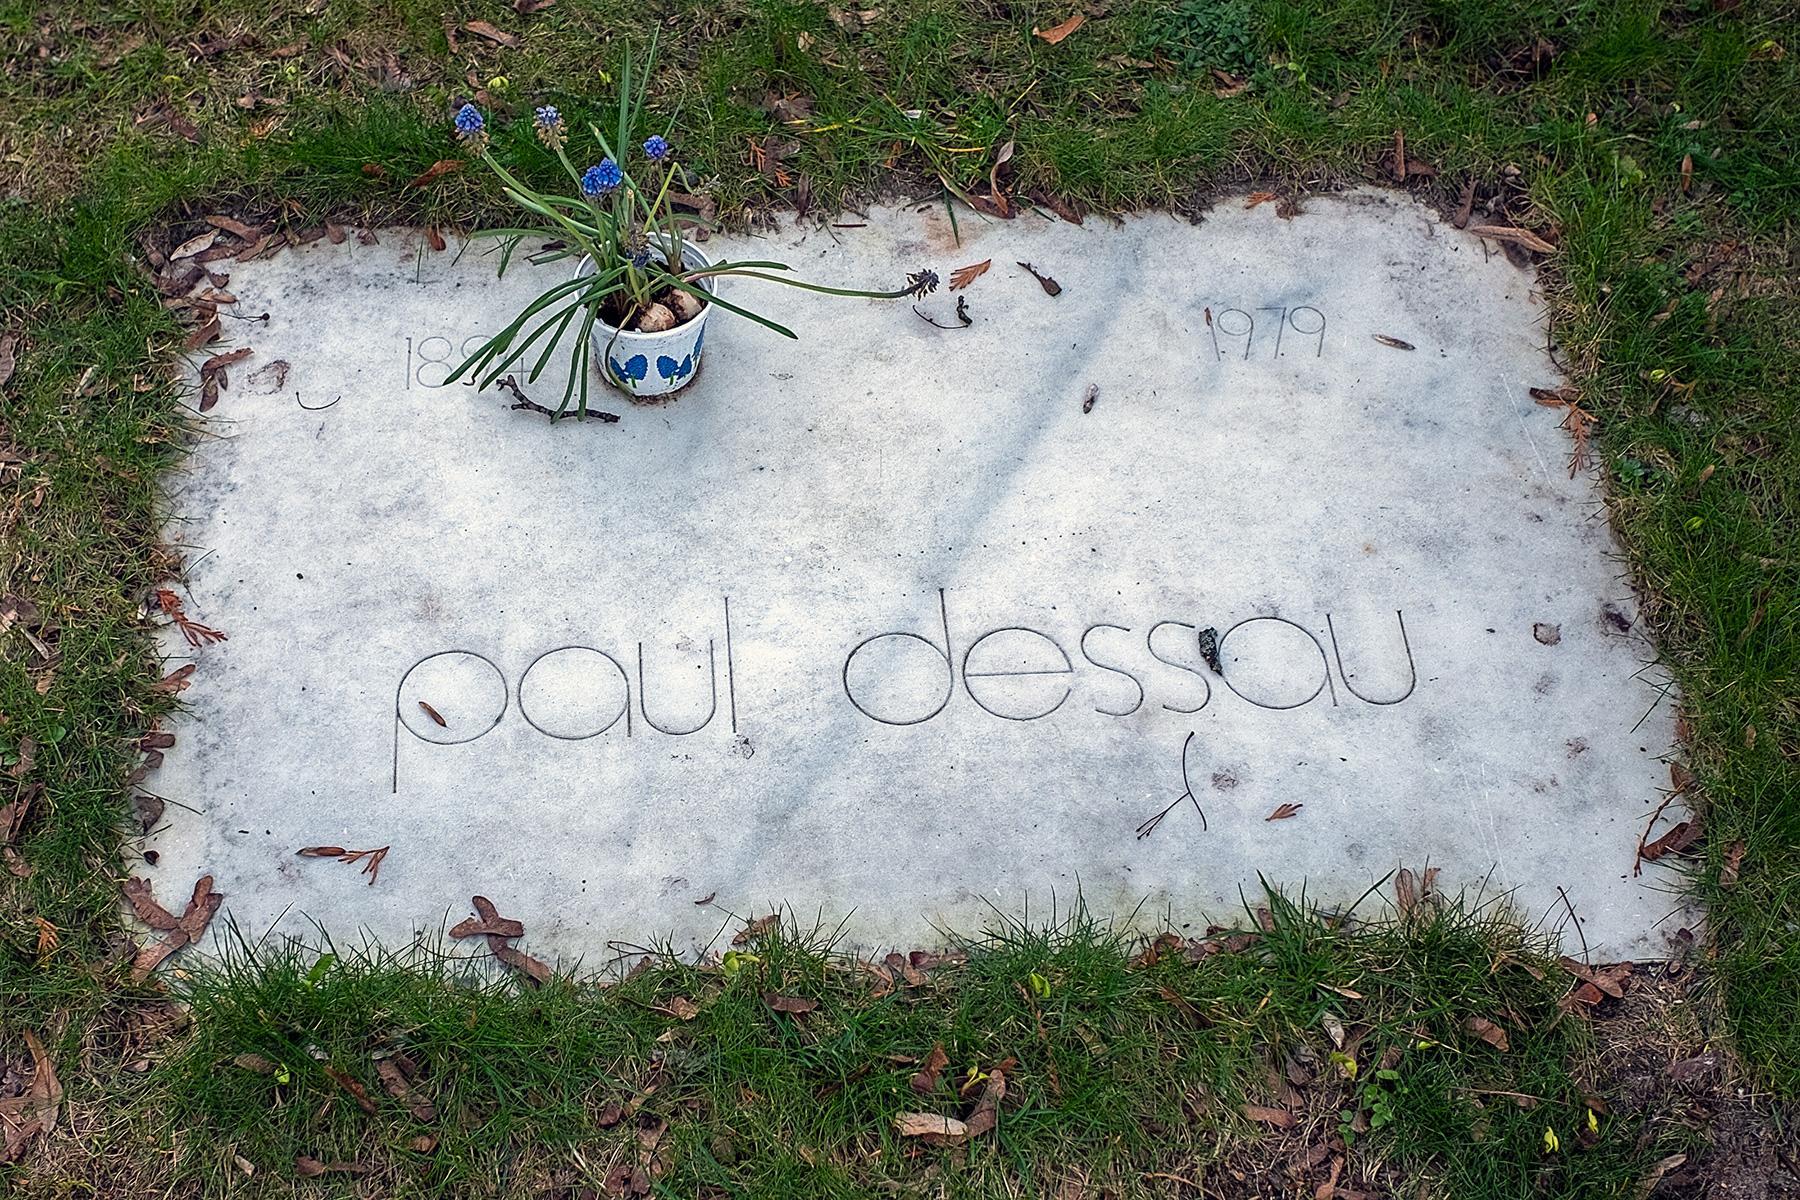 Das Grab von Paul Dessau im Beitrag Berlin: Gestorbene DDR